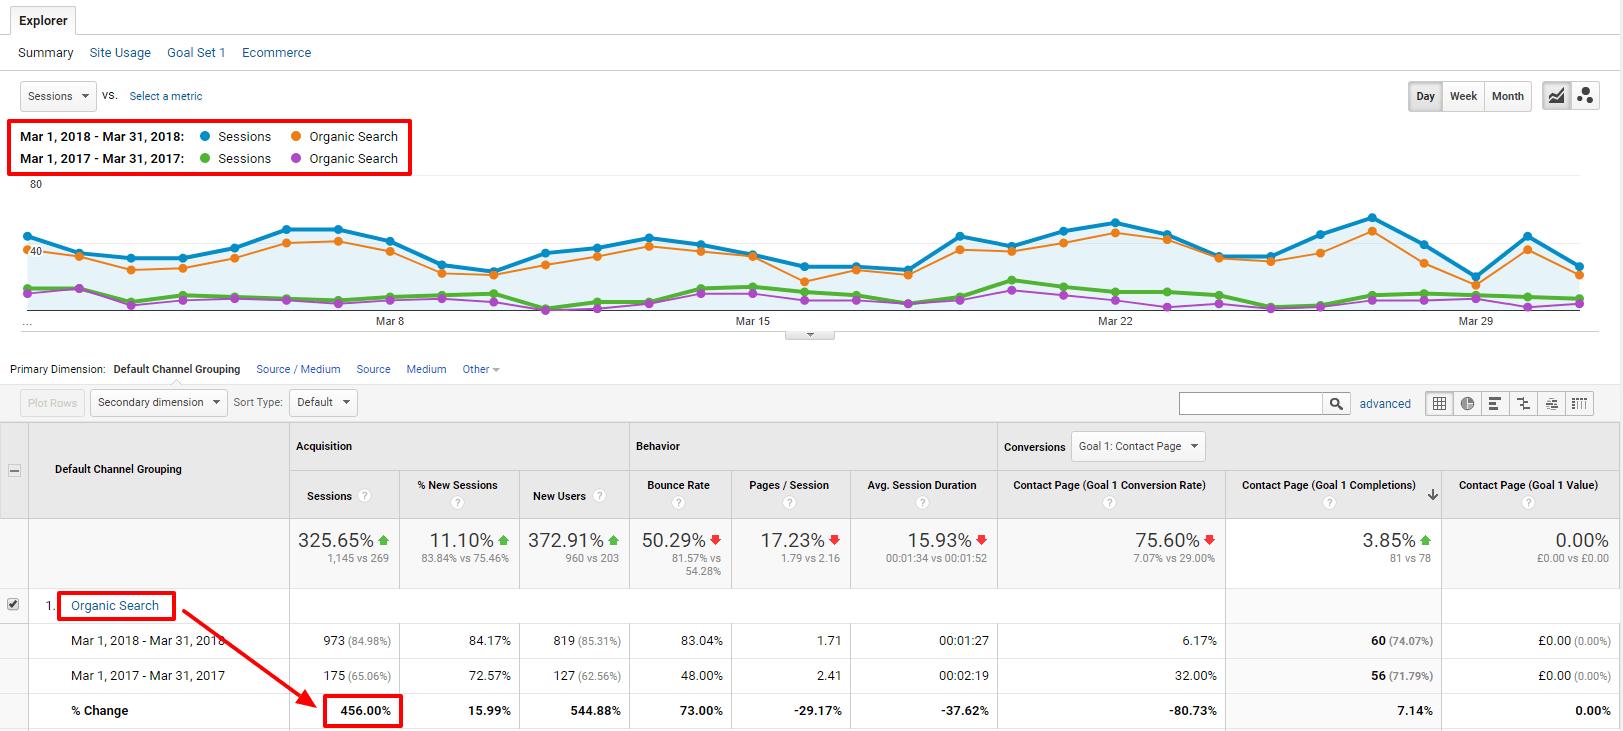 Organic Traffic Growth: March 2017 - 2018